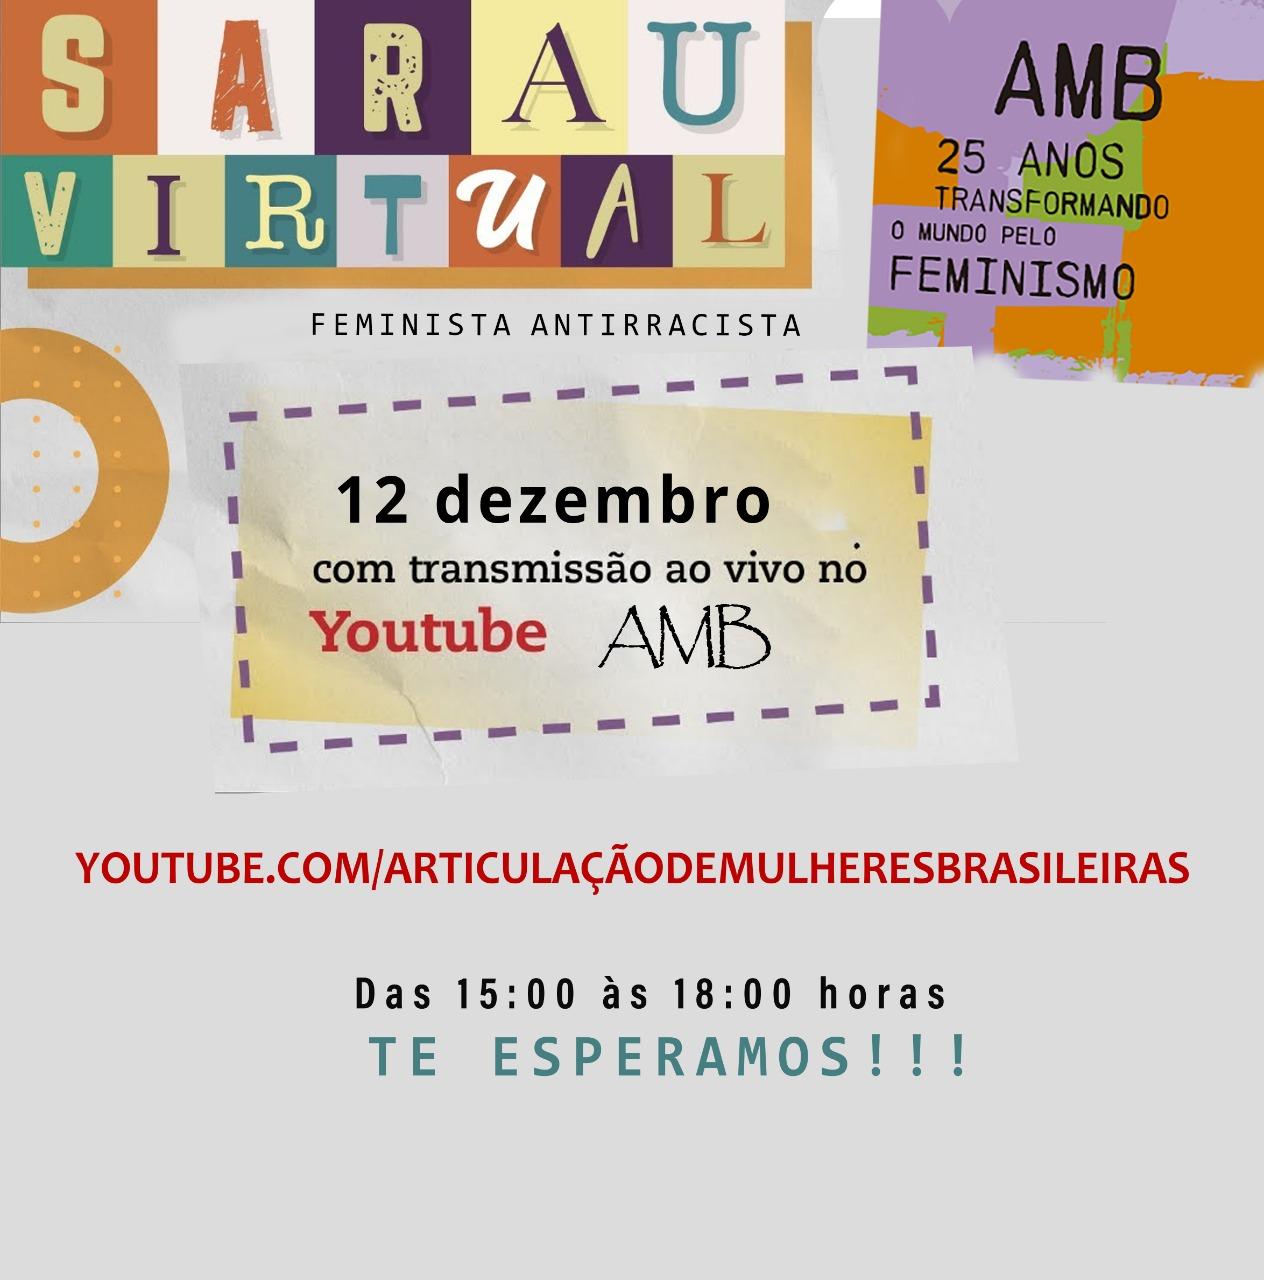 Articulação de Mulheres Brasileiras celebra 25 anos com Sarau Feminista Antirracista neste sábado